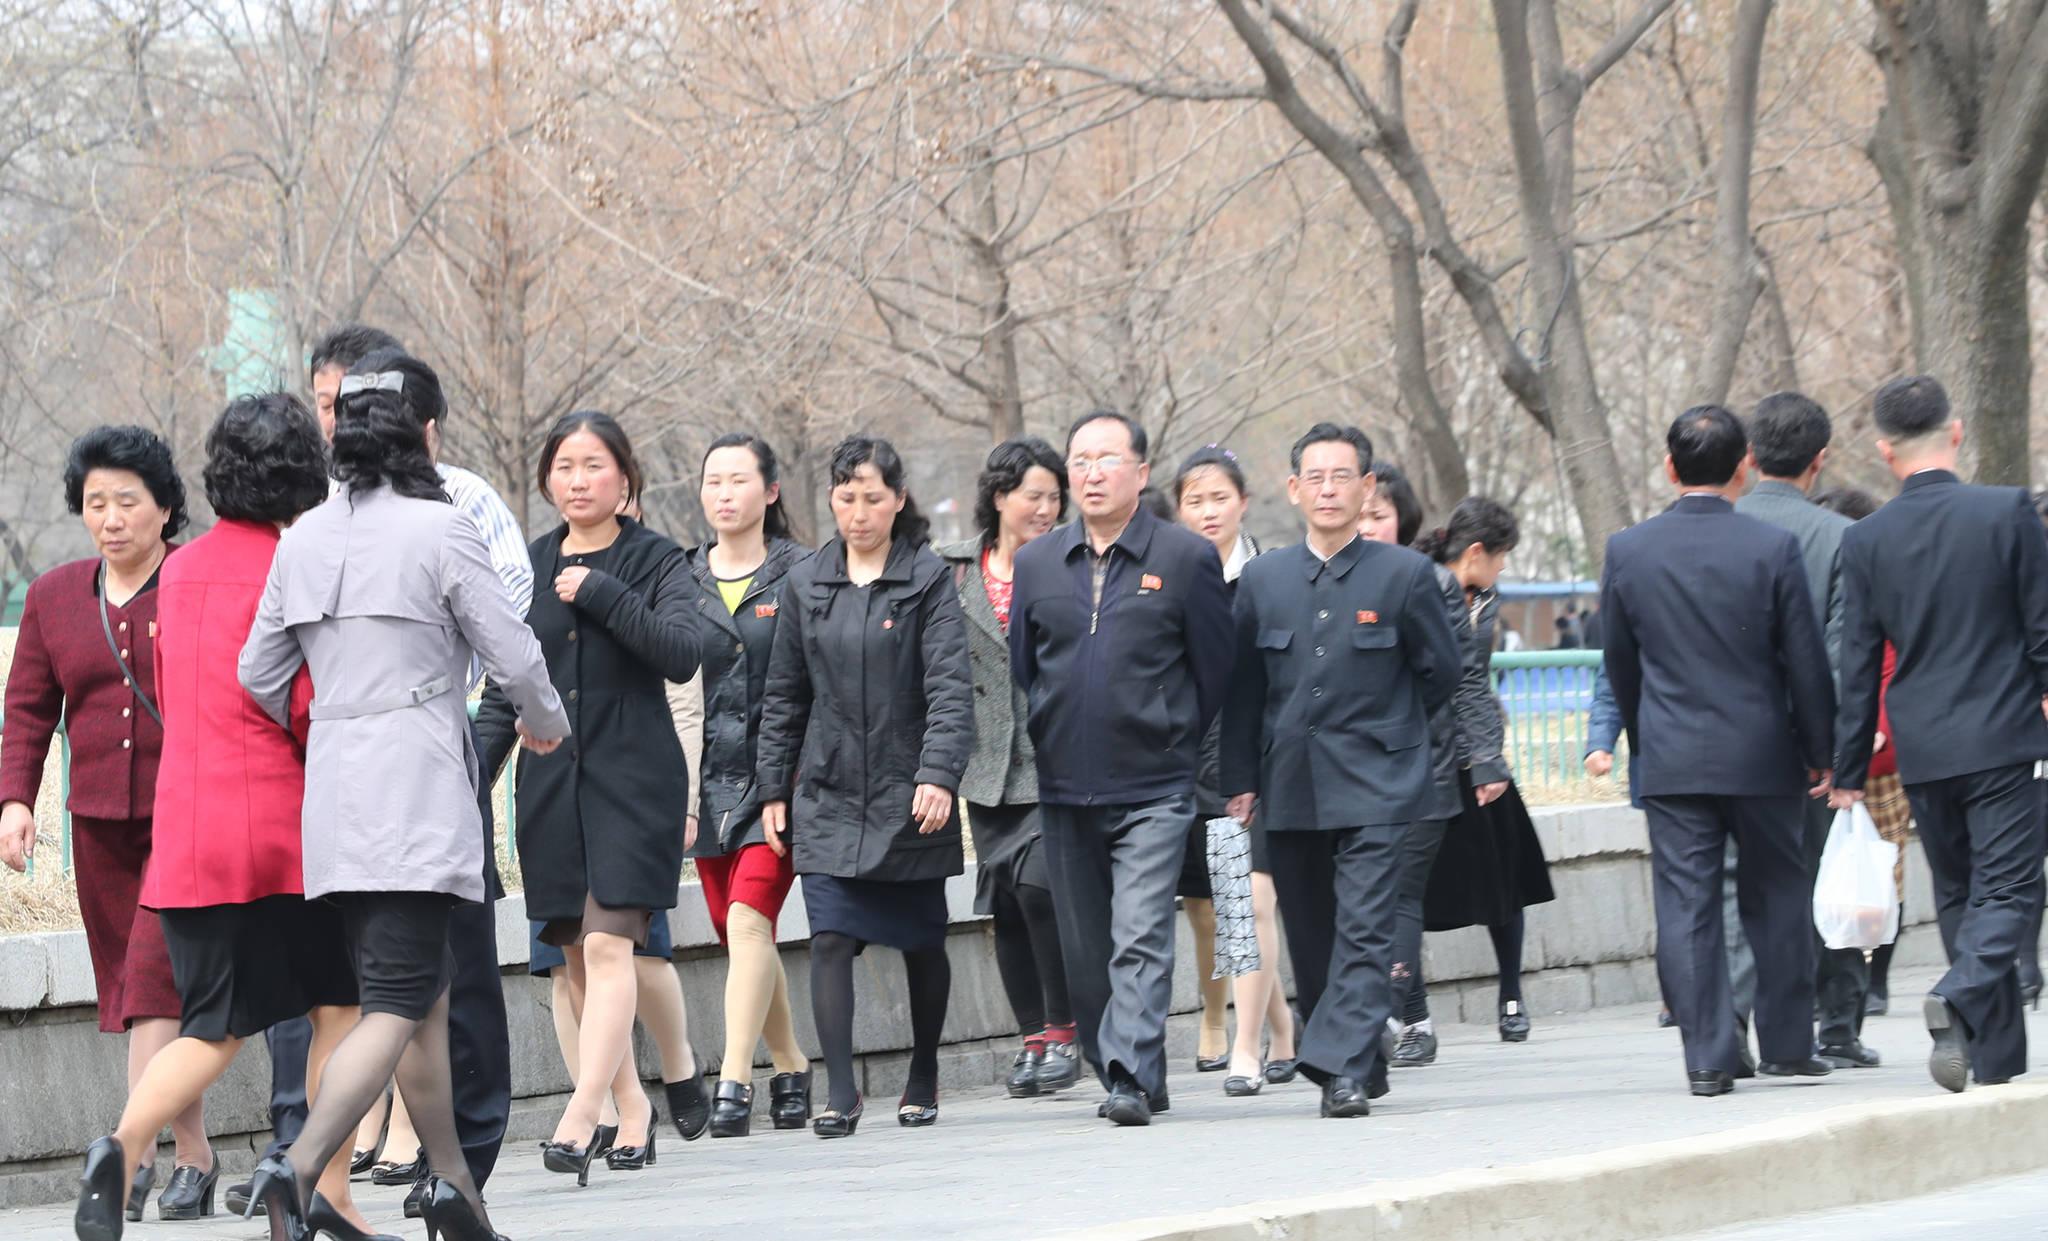 지난 2일 오후 평양 모란봉으로 가는 길에서 시민들이 오가고 있다. 사진공동취재단